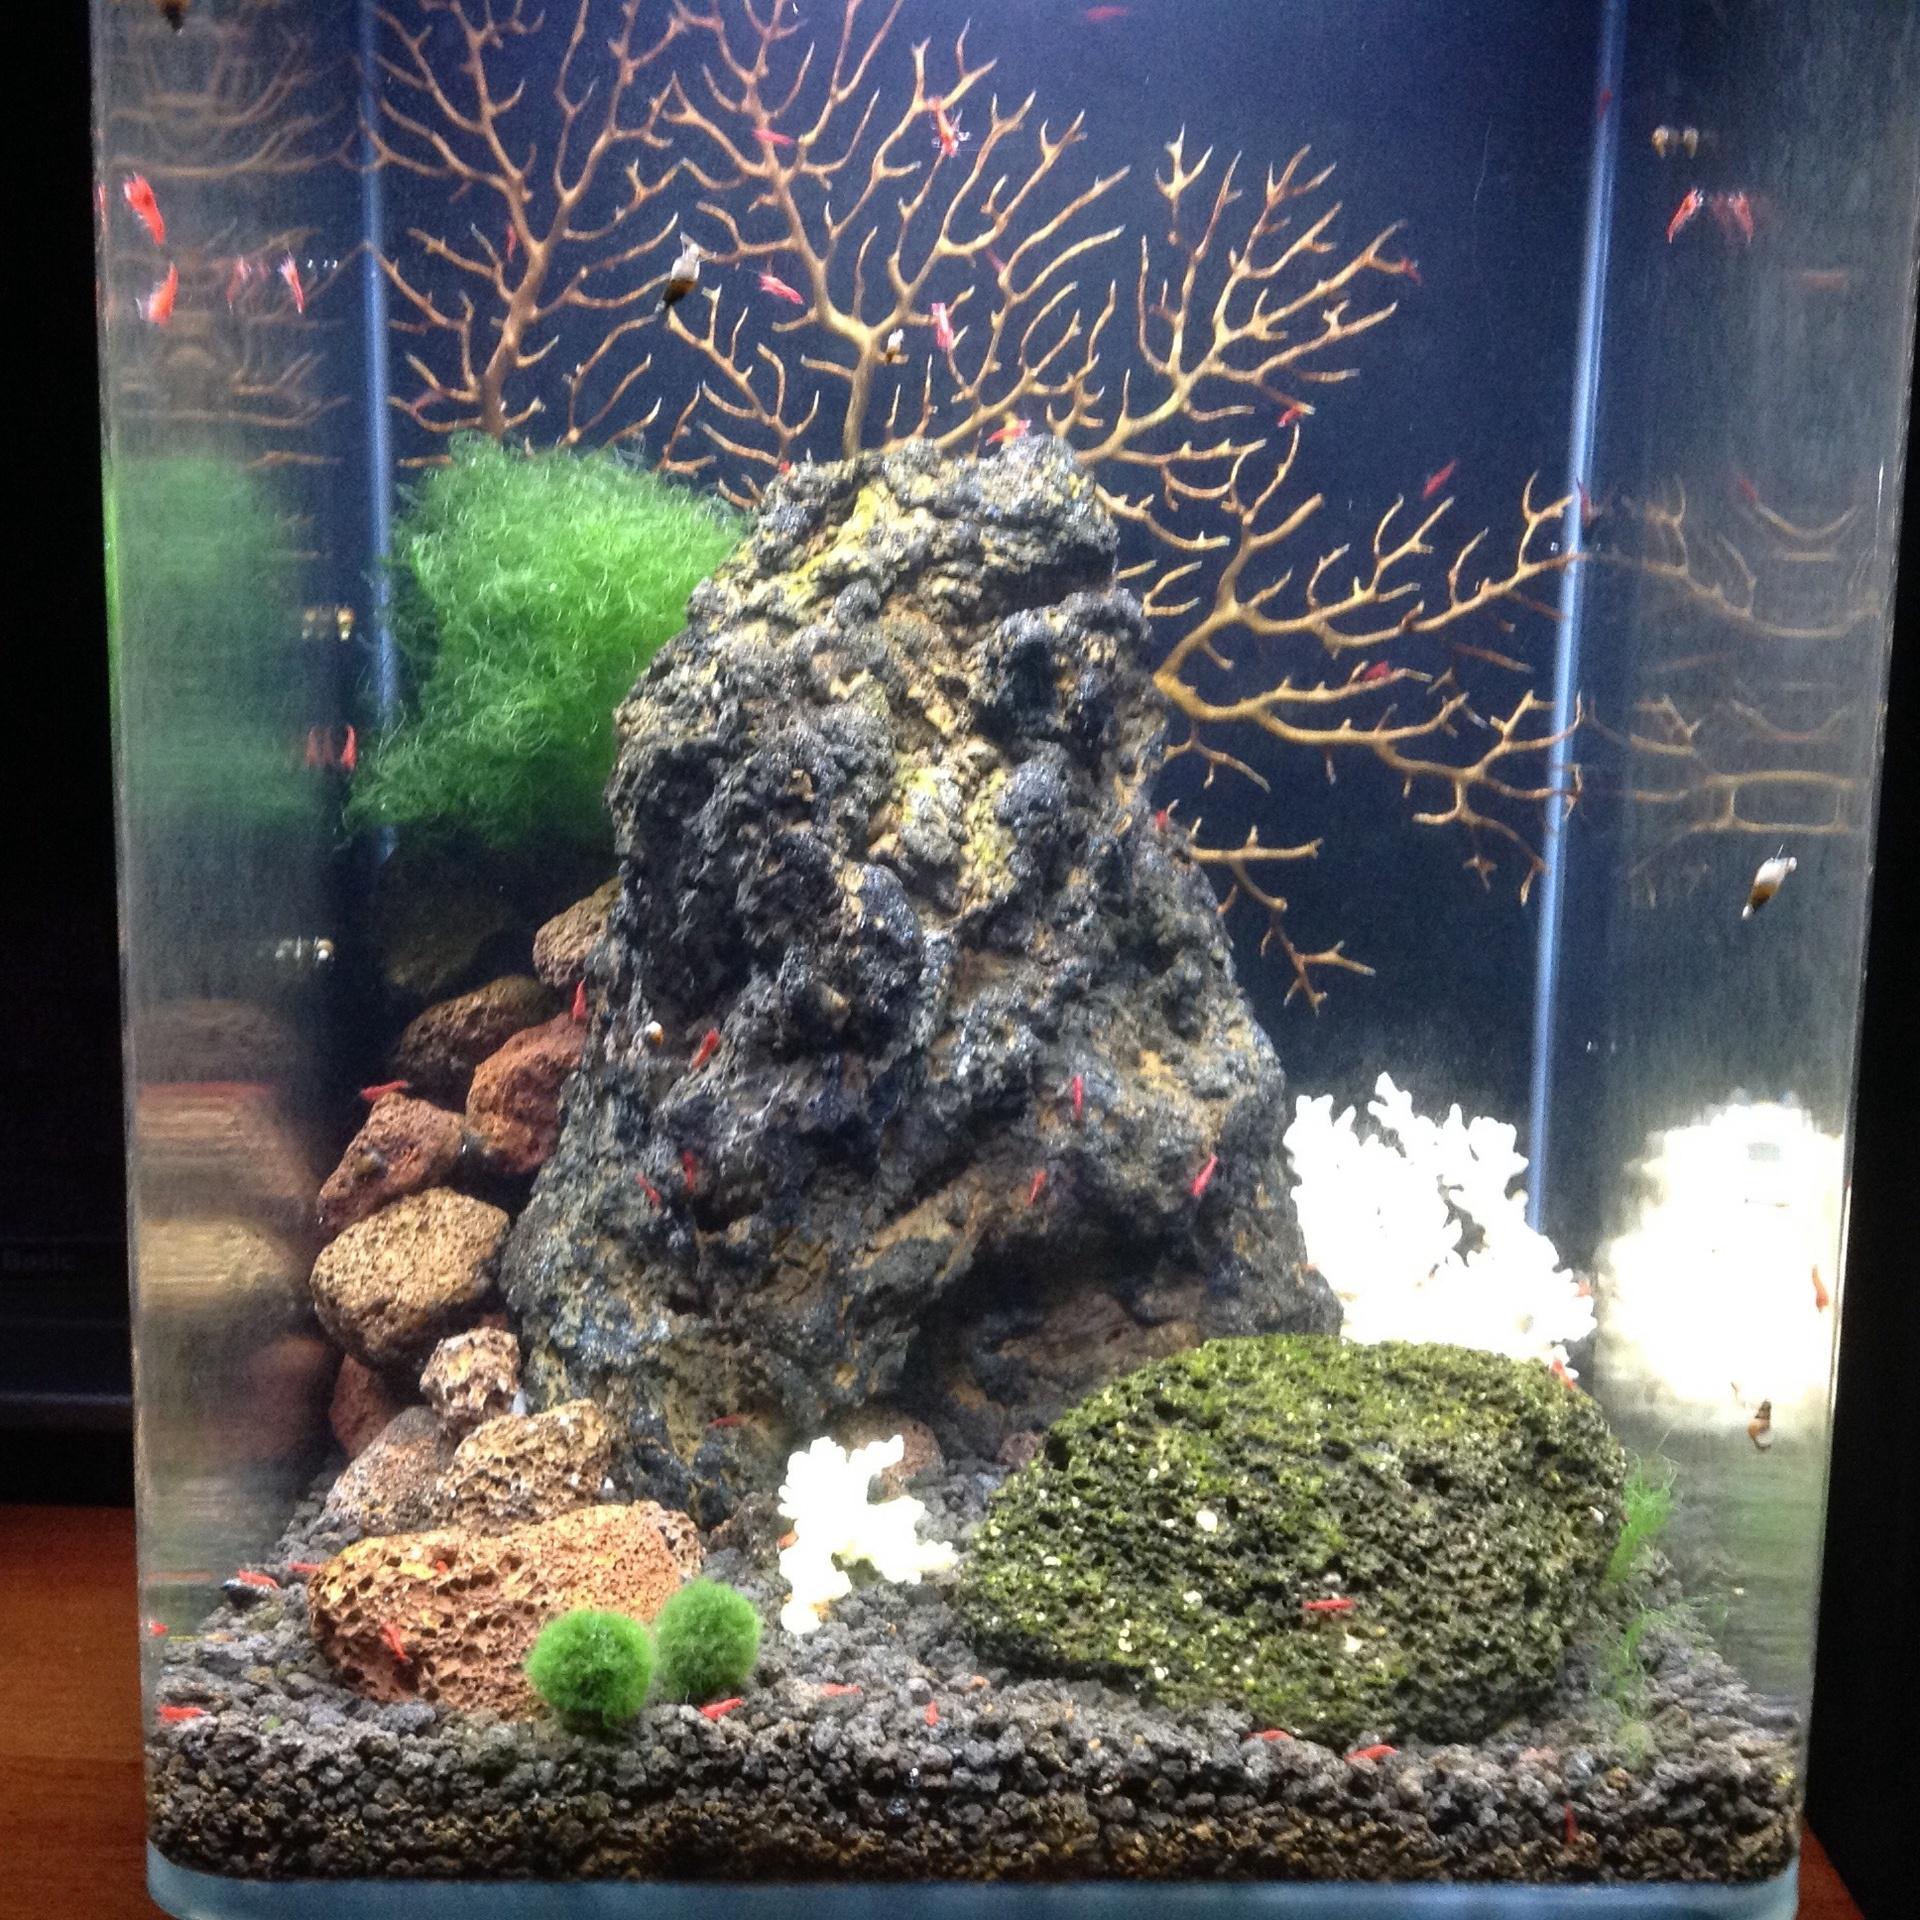 Lisa's amazing Aquascape for her shrimp